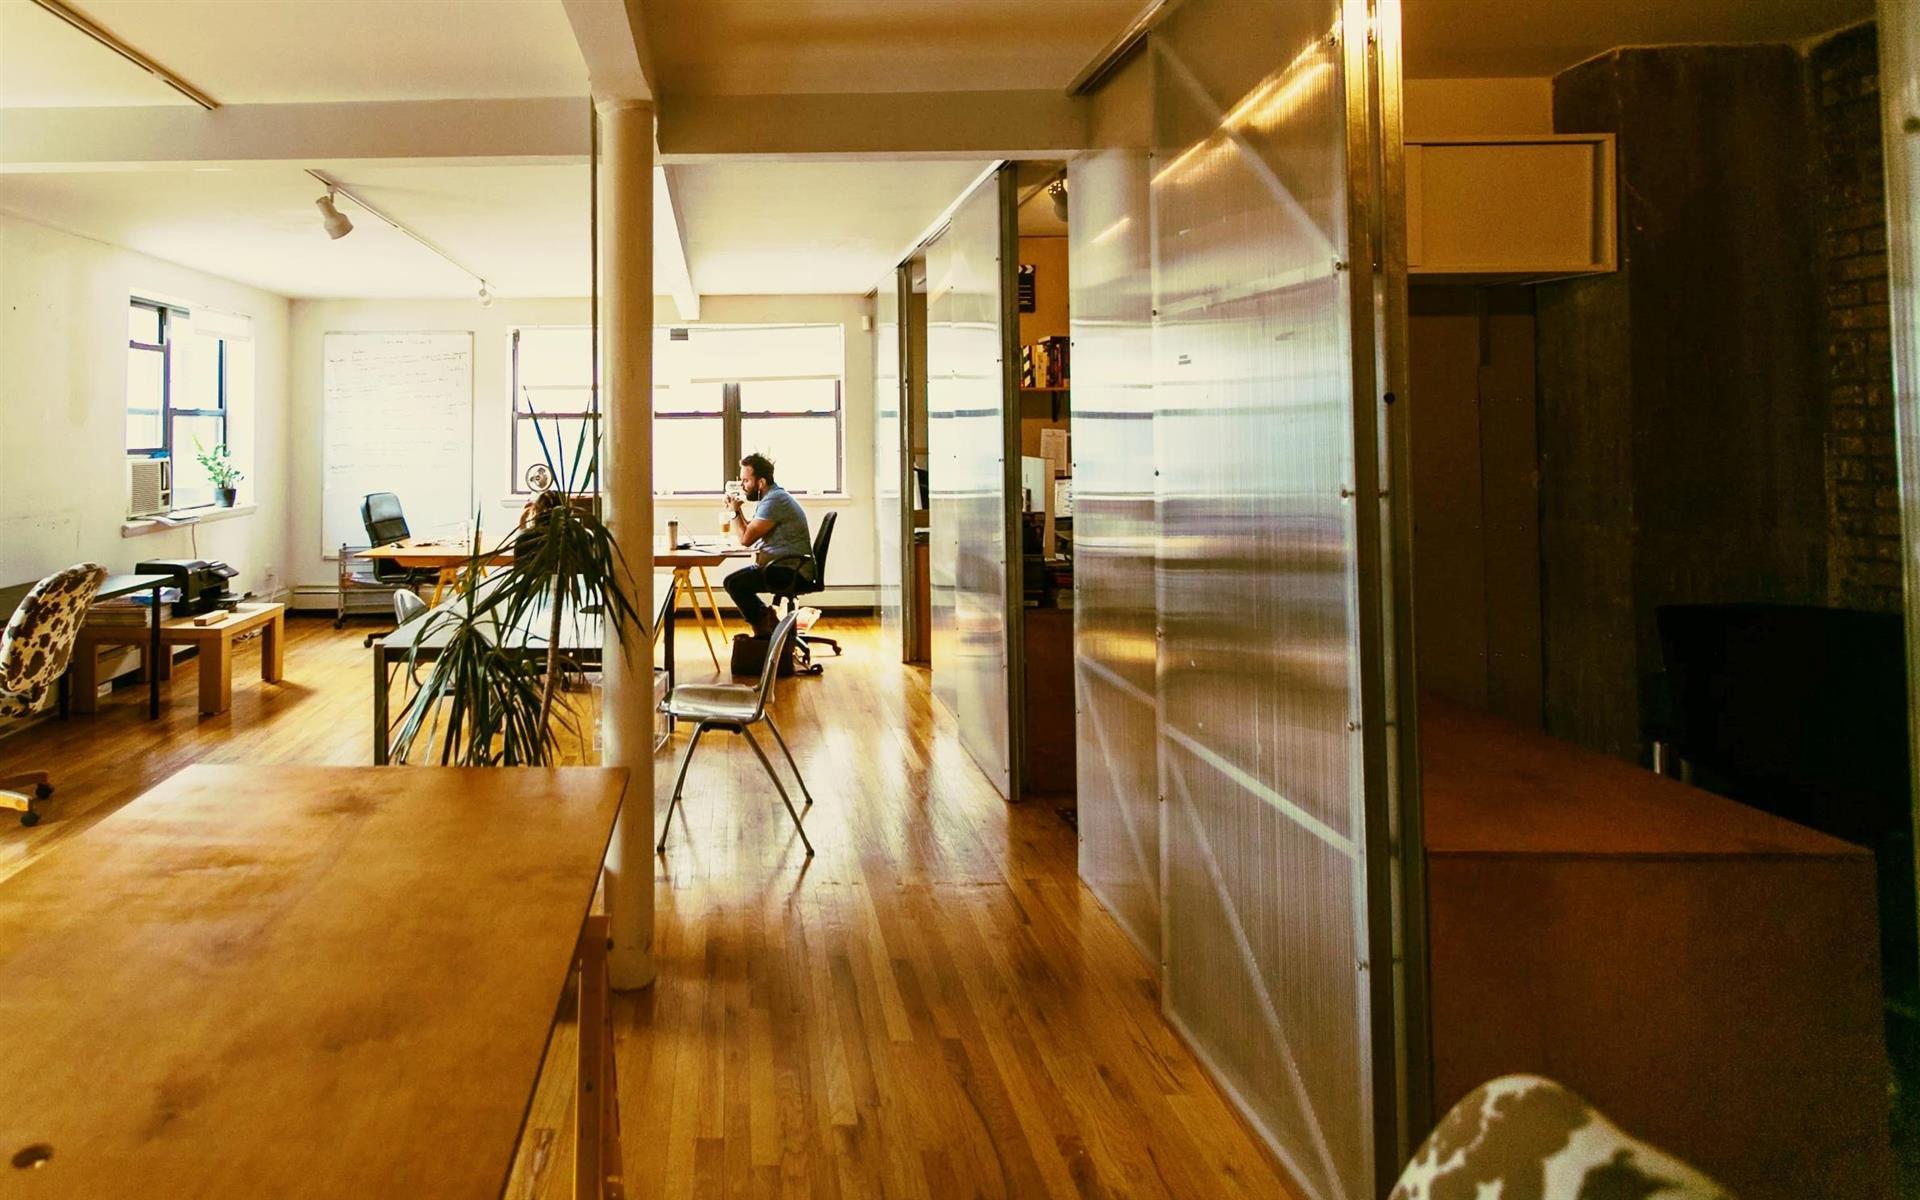 Workspace Williamsburg - Hot Desk